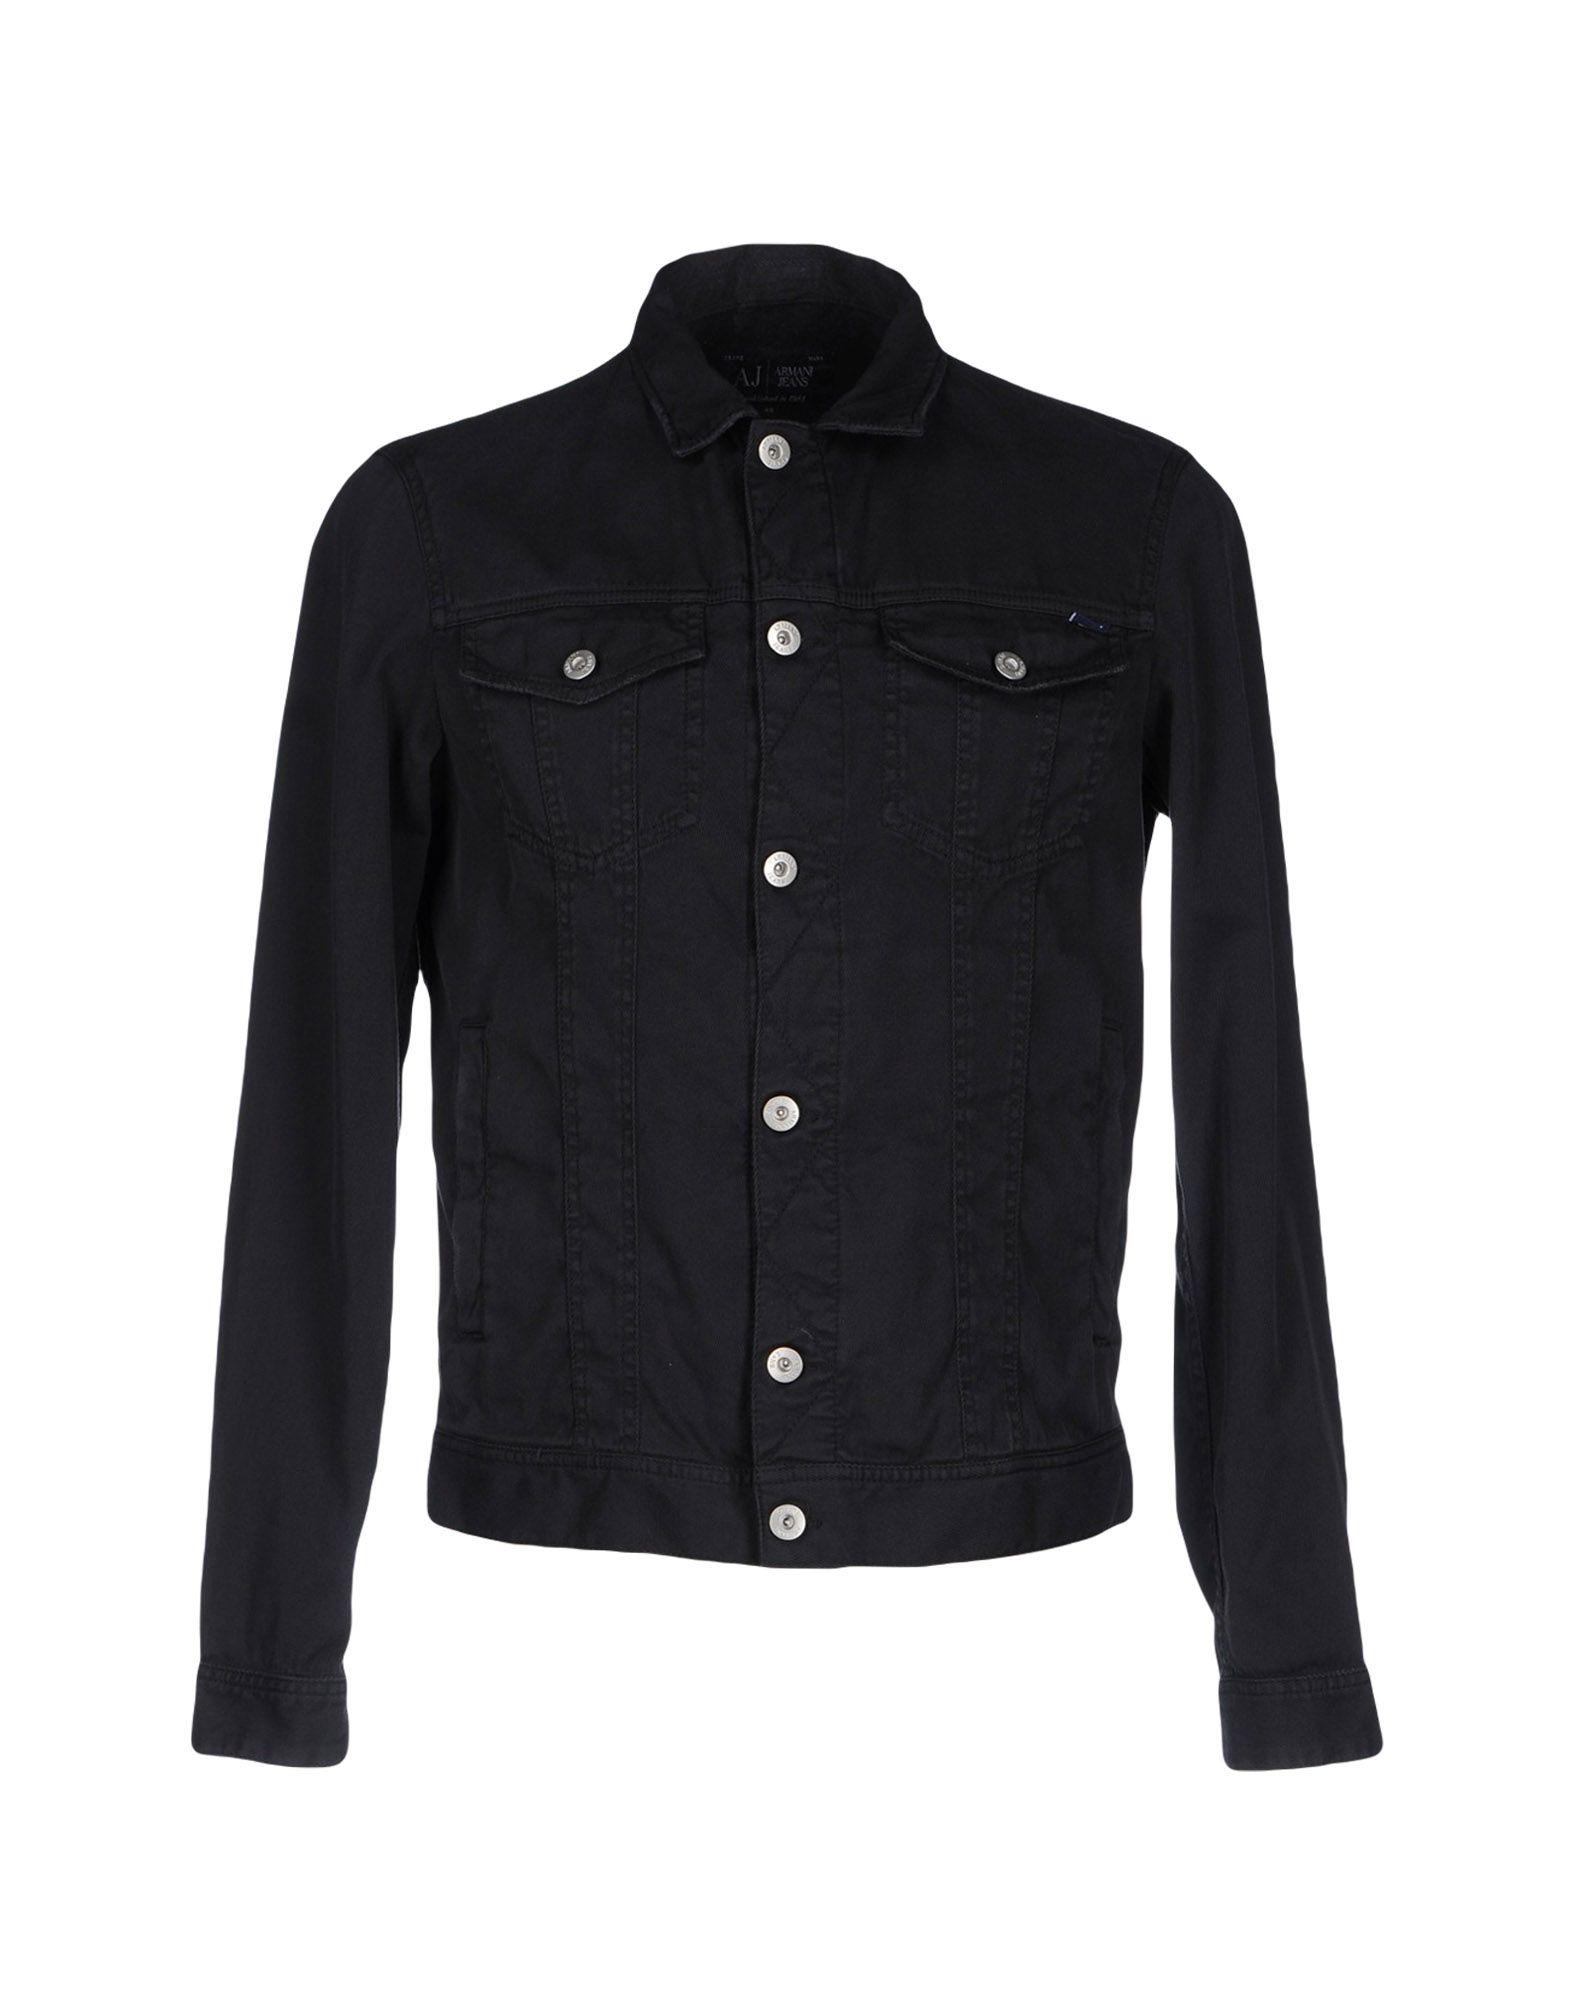 Giubbotto Armani Jeans Uomo - Acquista online su